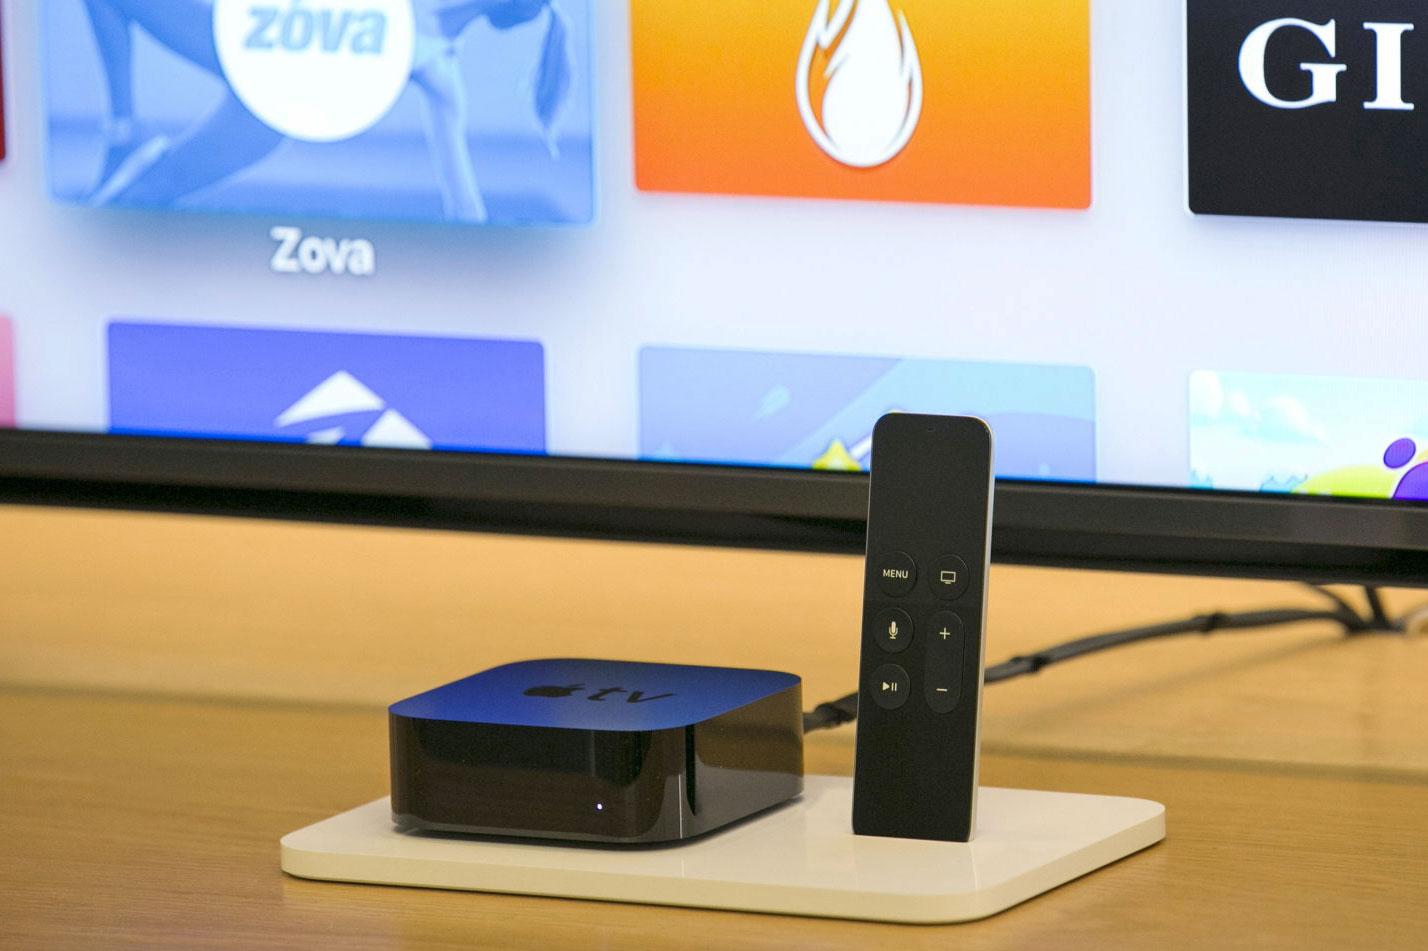 Las películas 4K del Apple TV podrían costar más de 20 dólares por culpa de los estudios de cine